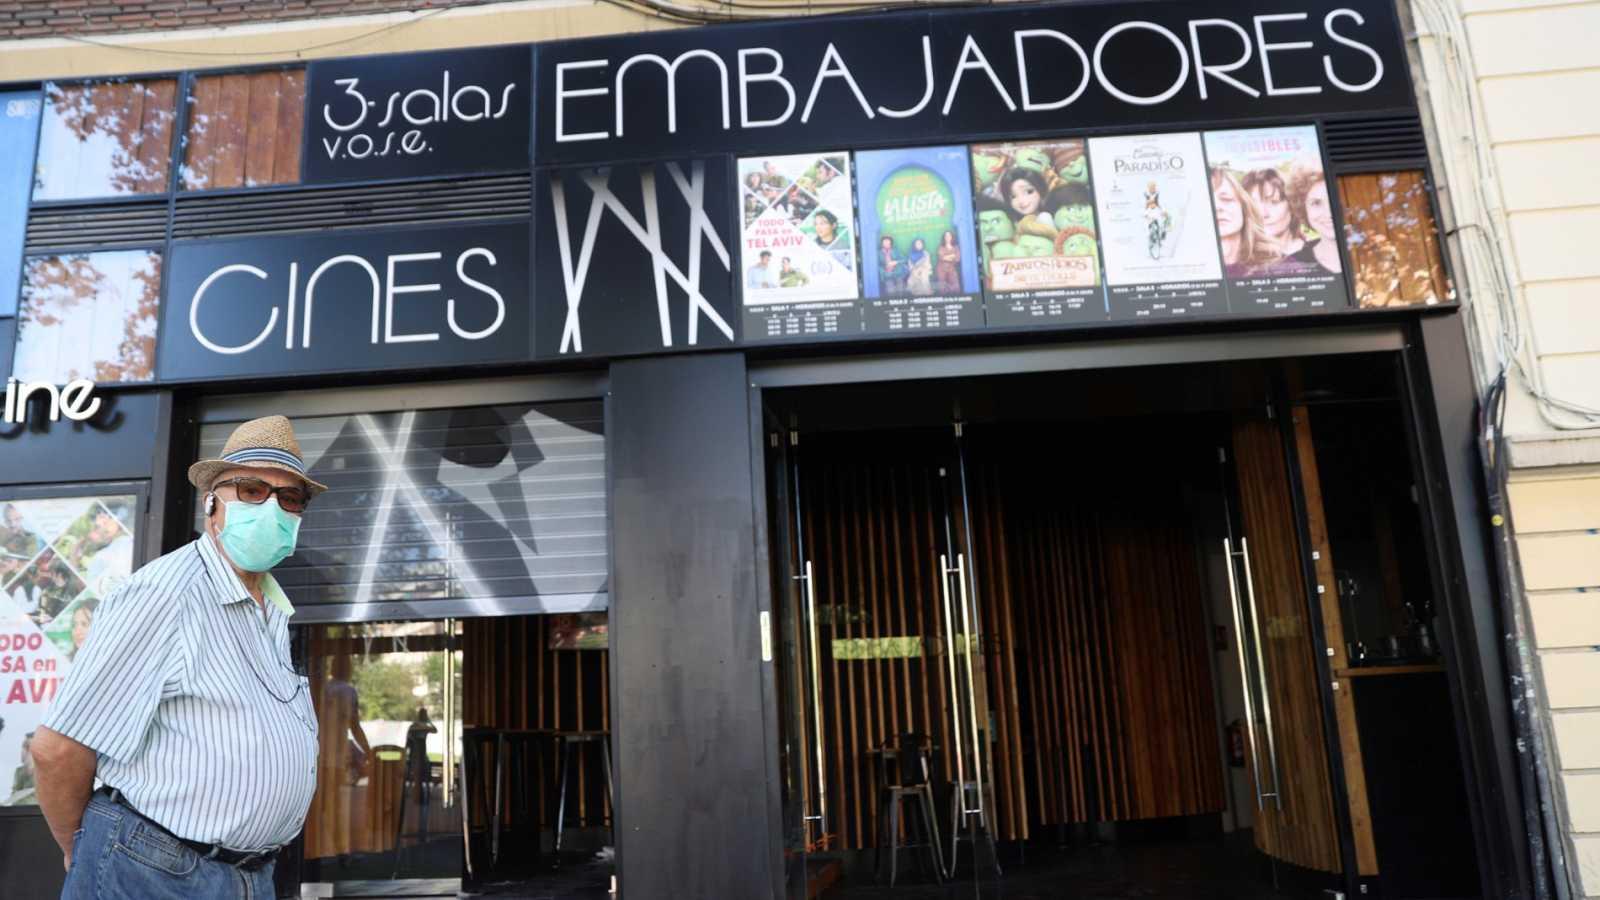 Las salas de cine intentan sobreponerse a la pandemia de coronavirus